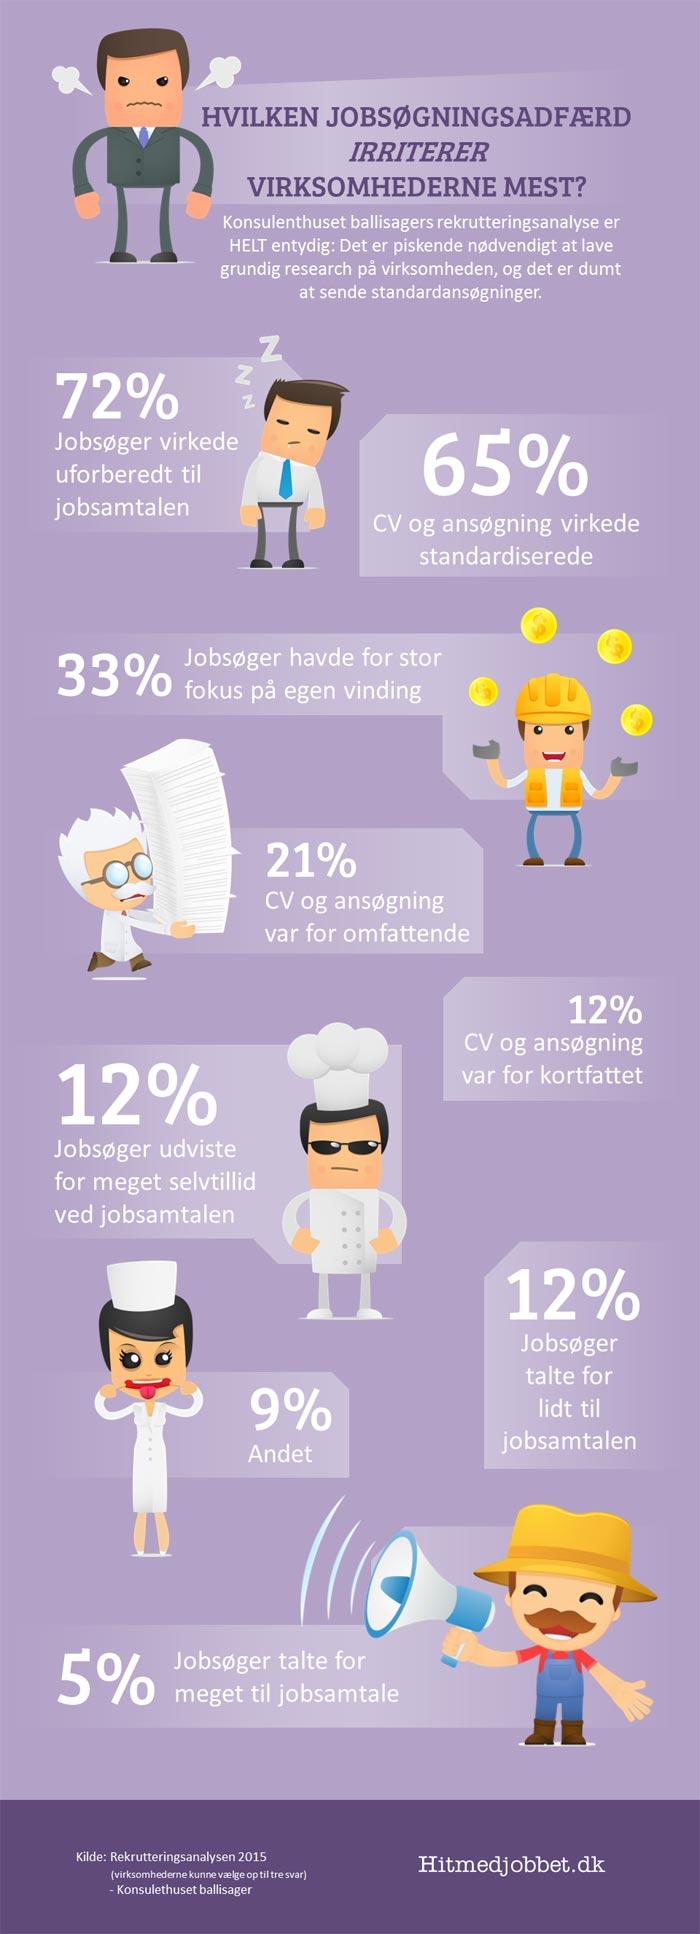 Infographic, der viser den adfærd, der irriterer virksomhederne mest.